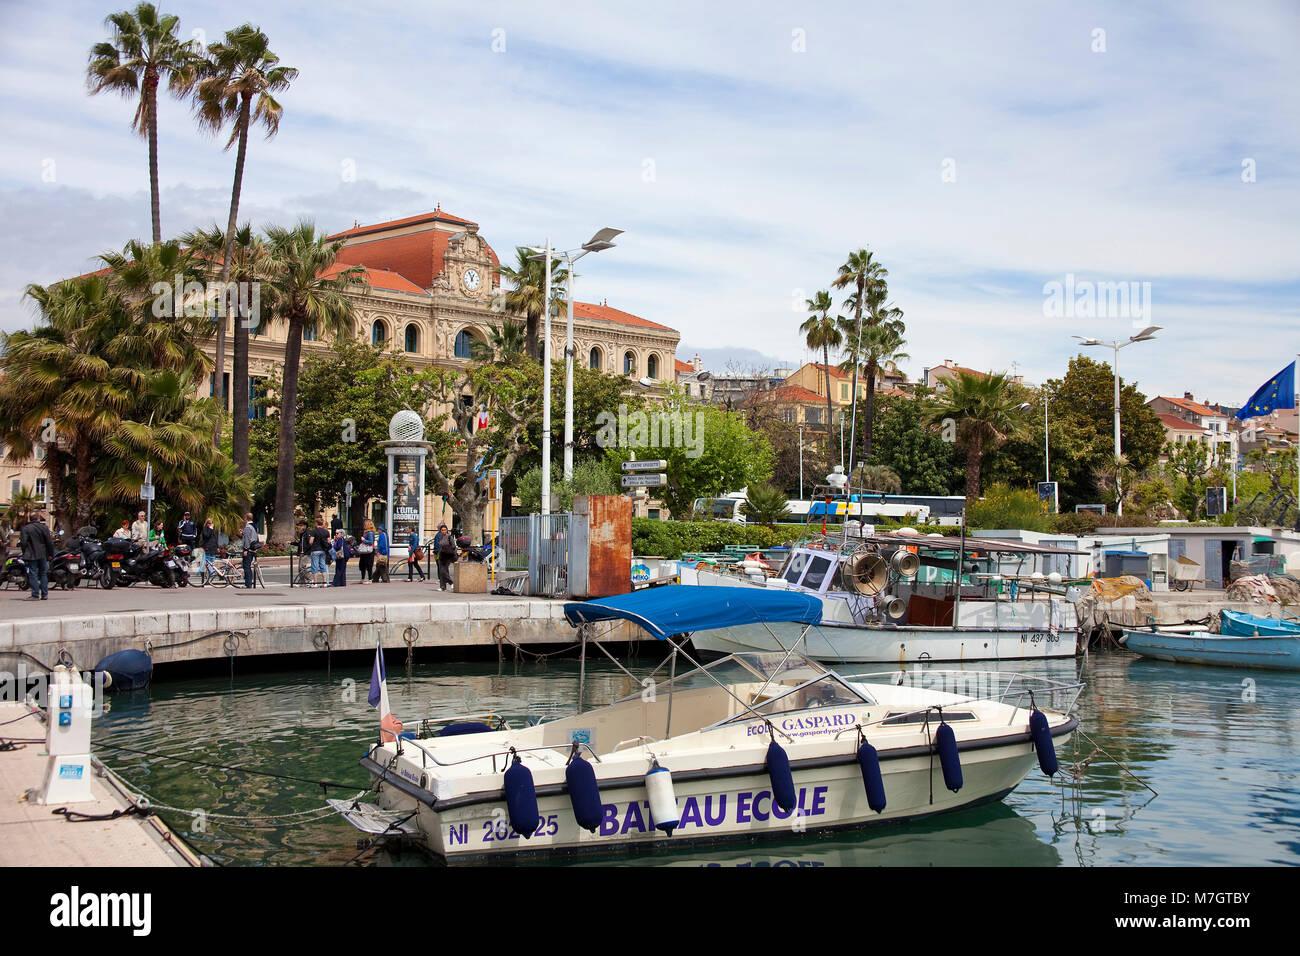 Alten Hafen Vieux Port, hinter dem Rathaus Hotel de Ville, Altstadt Le Suquet, Cannes, Côte d'Azur, Südfrankreich, Stockbild